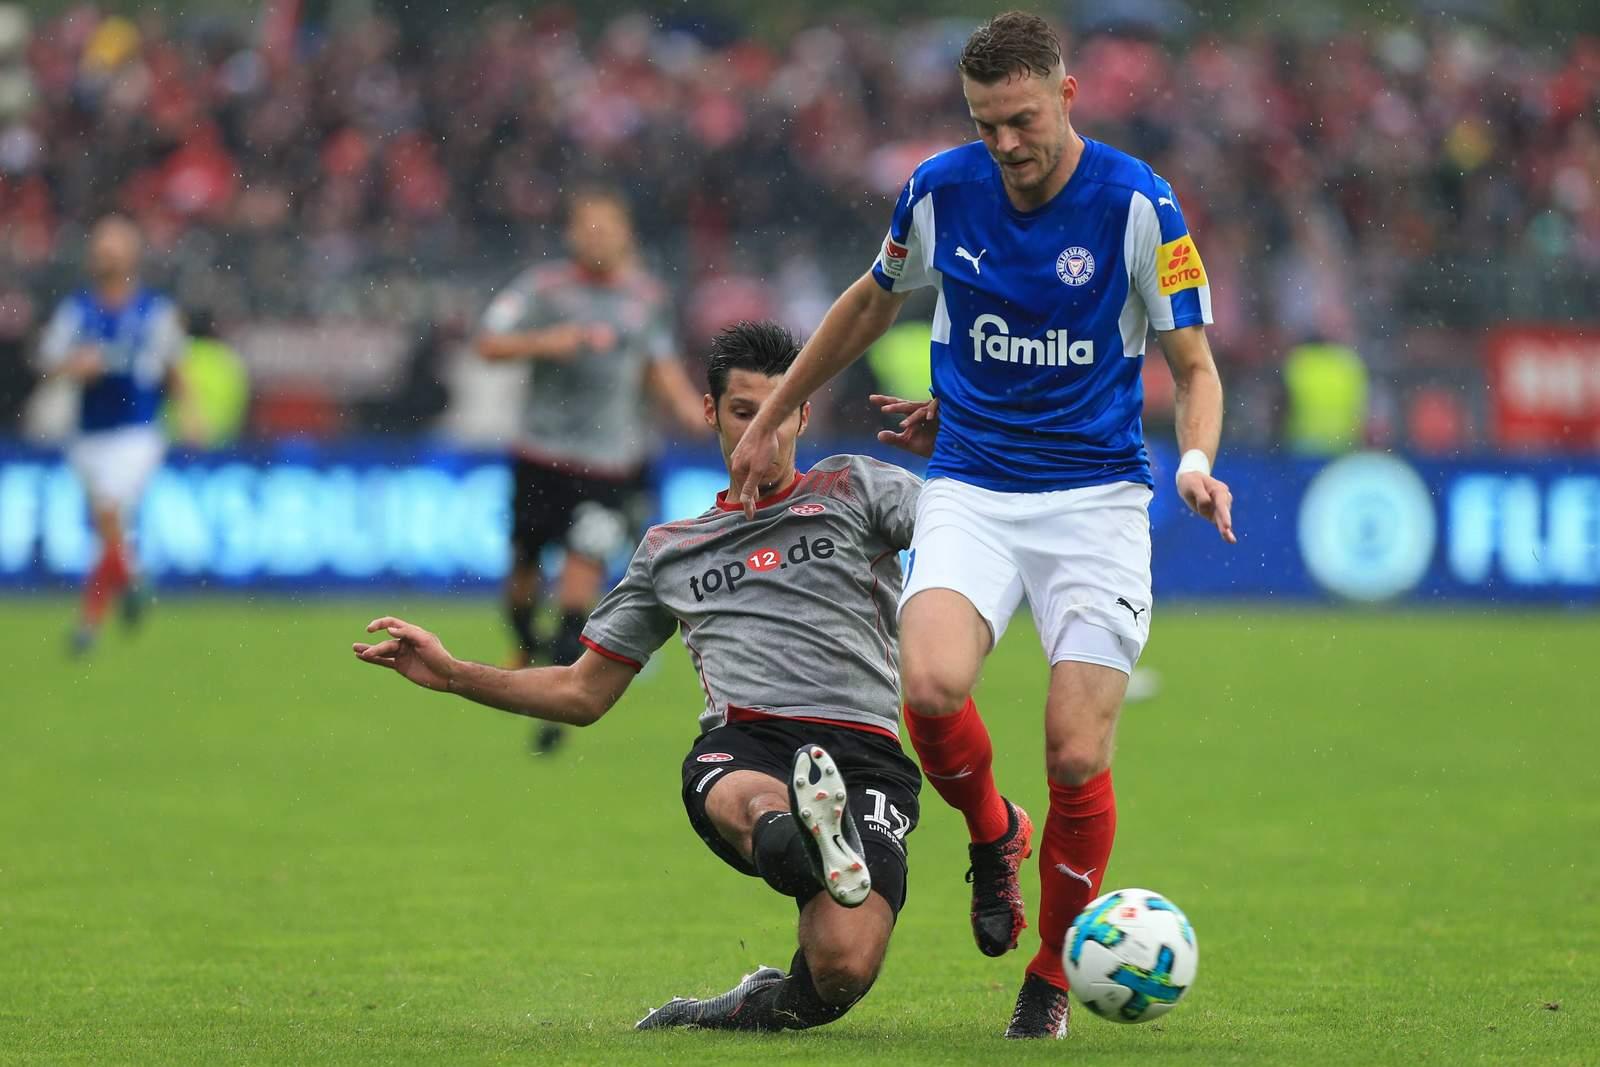 Setzt sich Correia gegen Ducksch durch? Jetzt auf FCK vs Holstein Kiel wetten